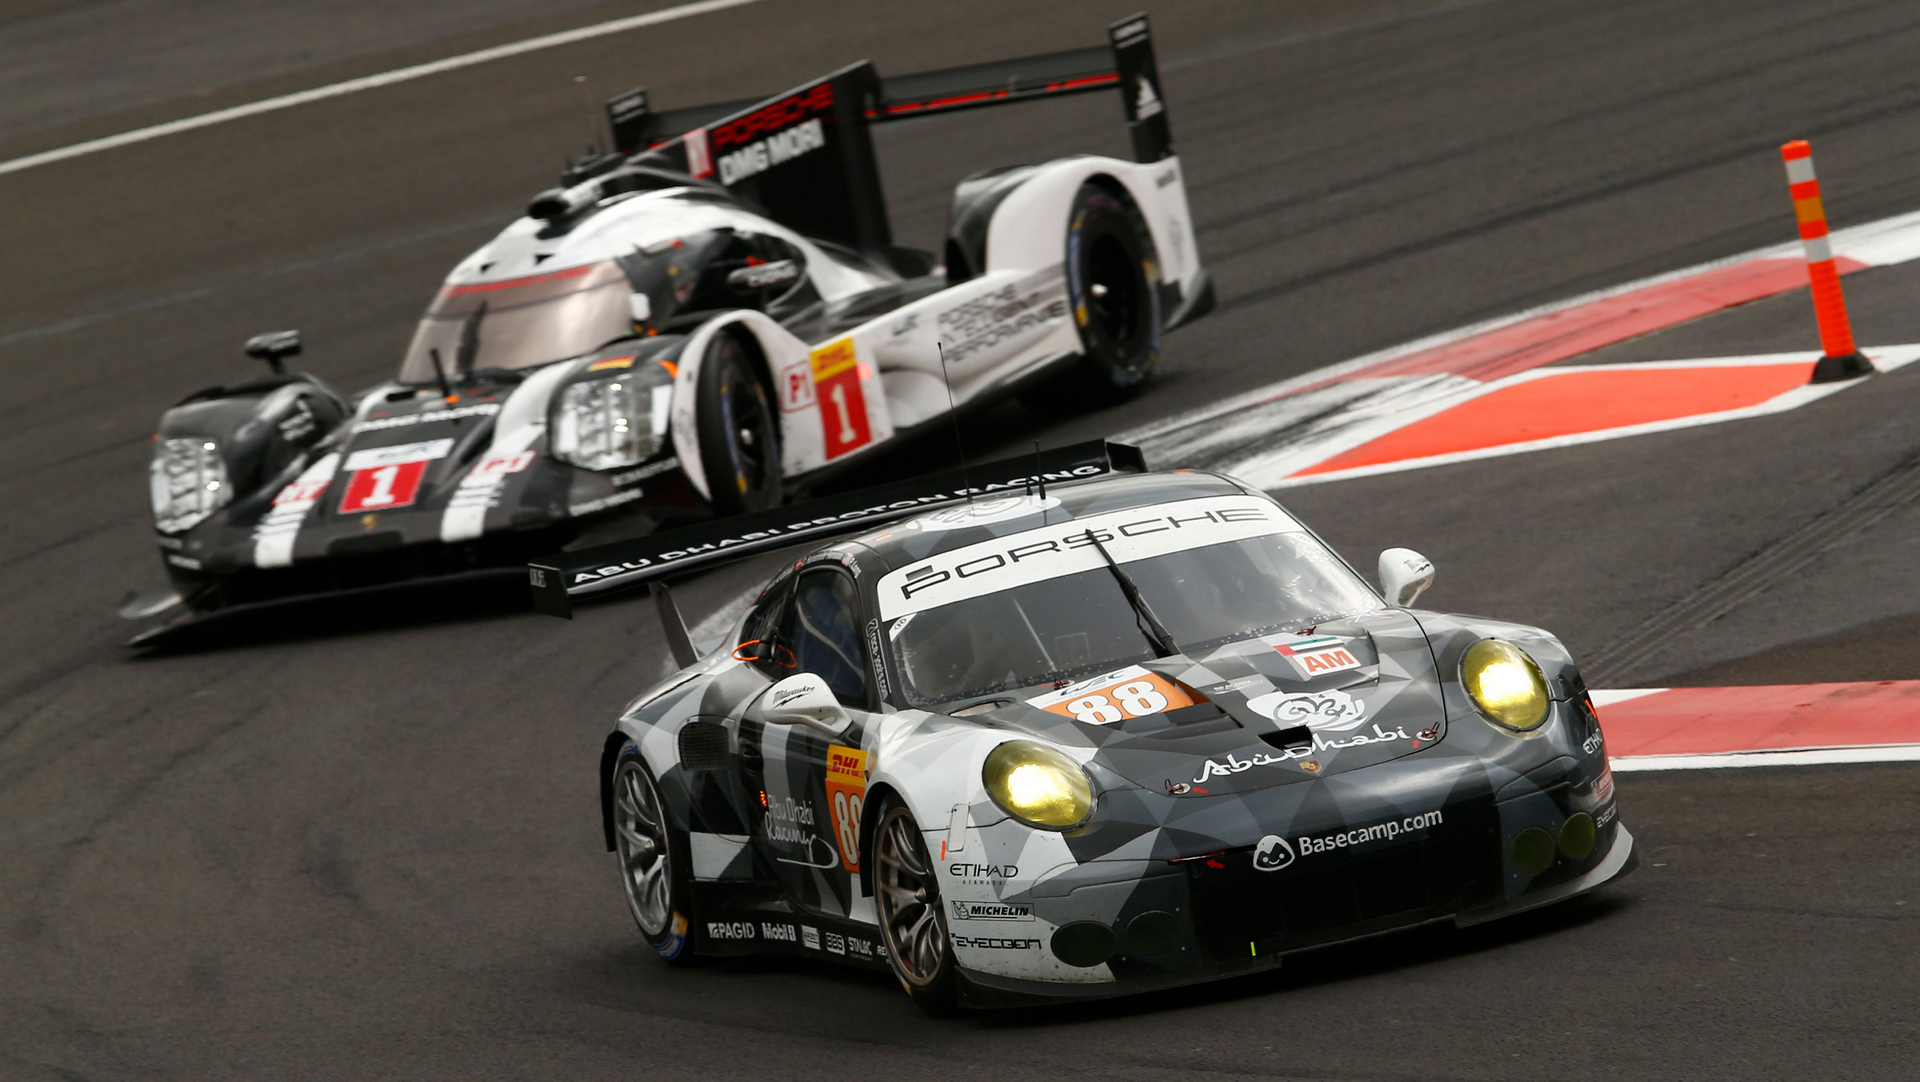 911 RSR, WEC © Dr. Ing. h.c. F. Porsche AG